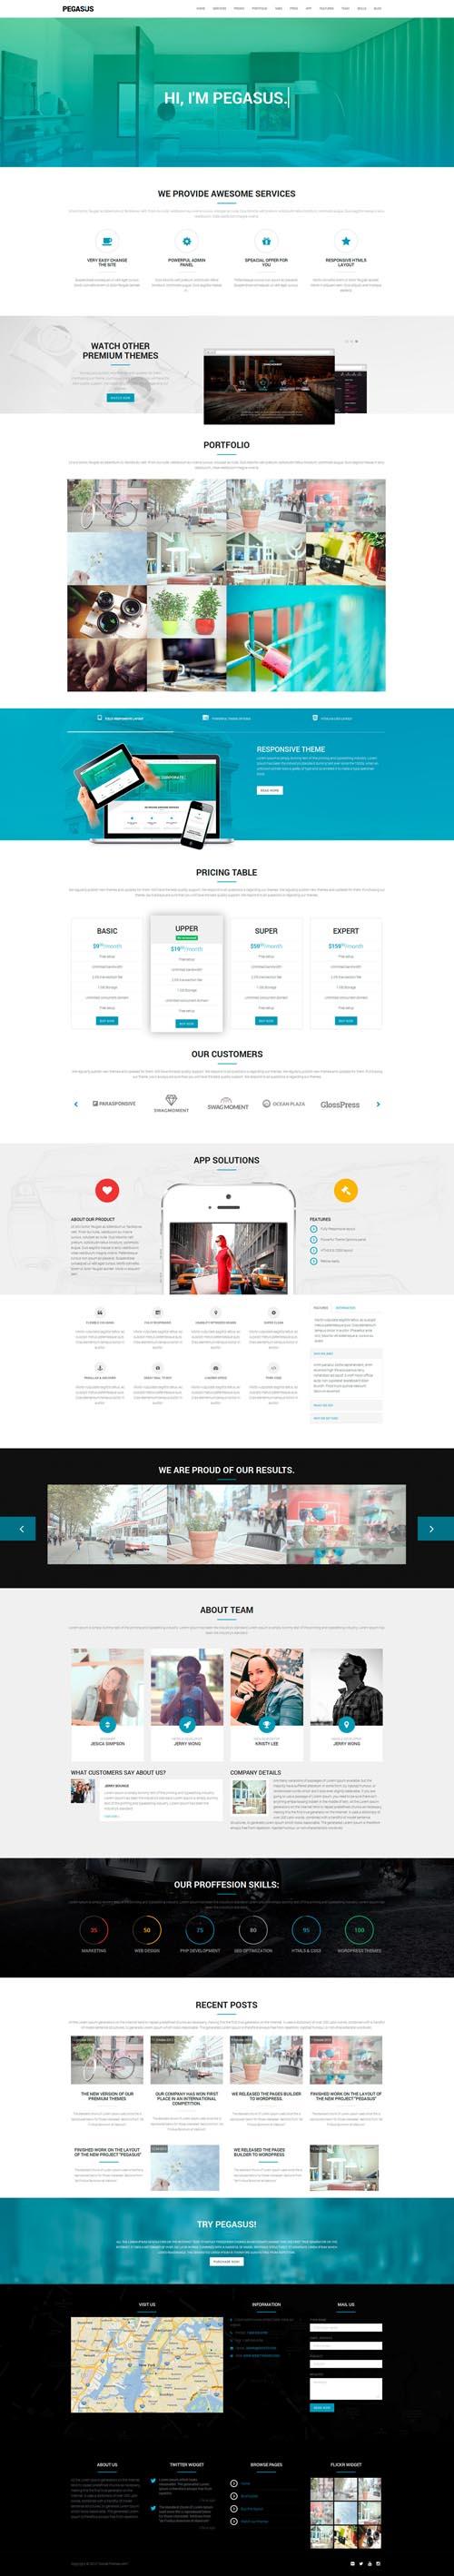 Pegasus WordPress Theme, Parallax, One-Page